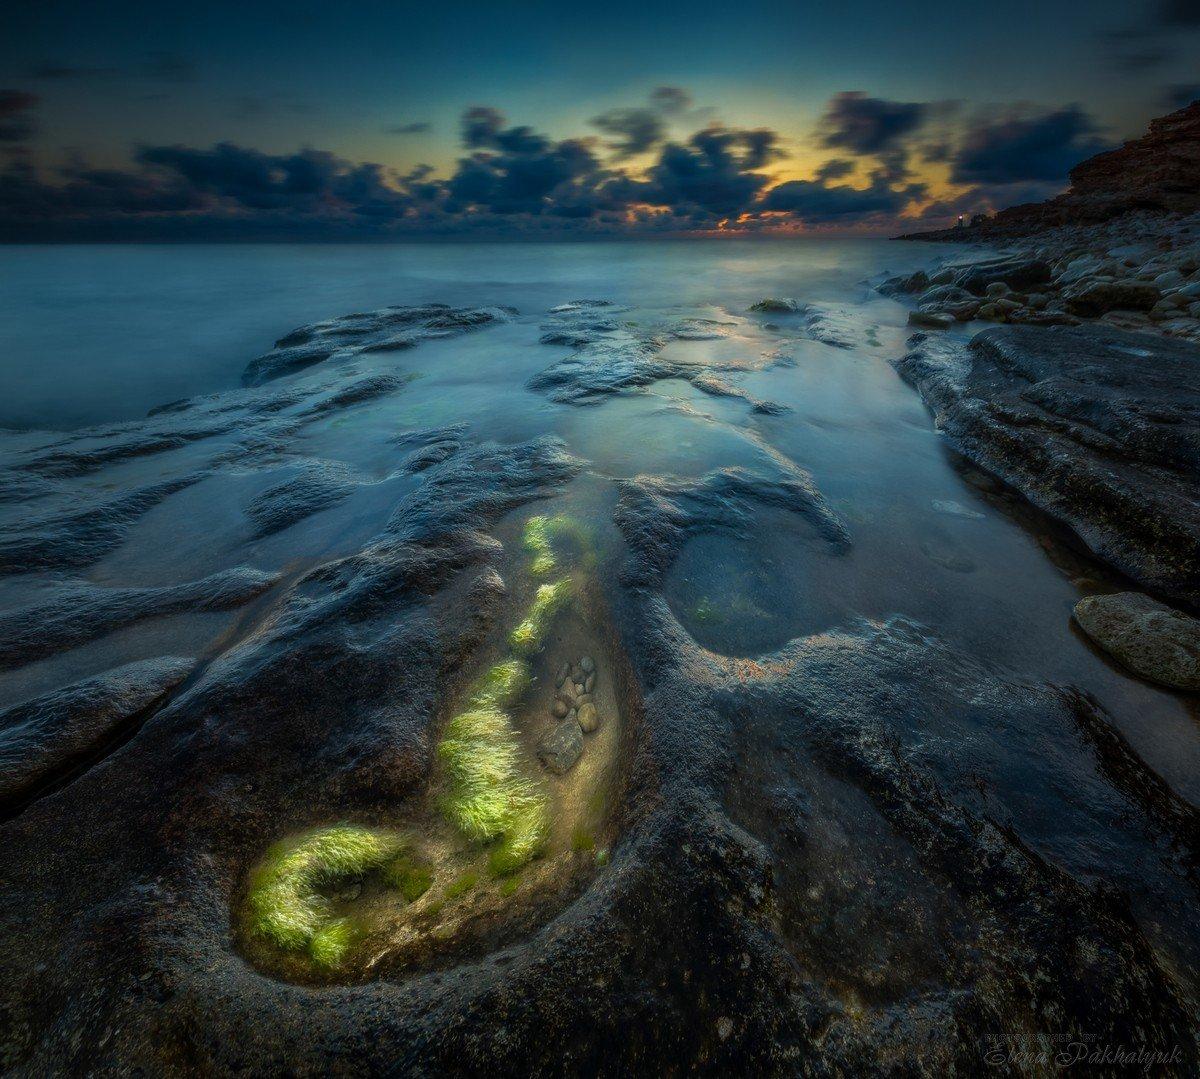 природа,пейзаж,крым,севастополь,россия,закат,море,черное море,фототур, Elena Pakhalyuk